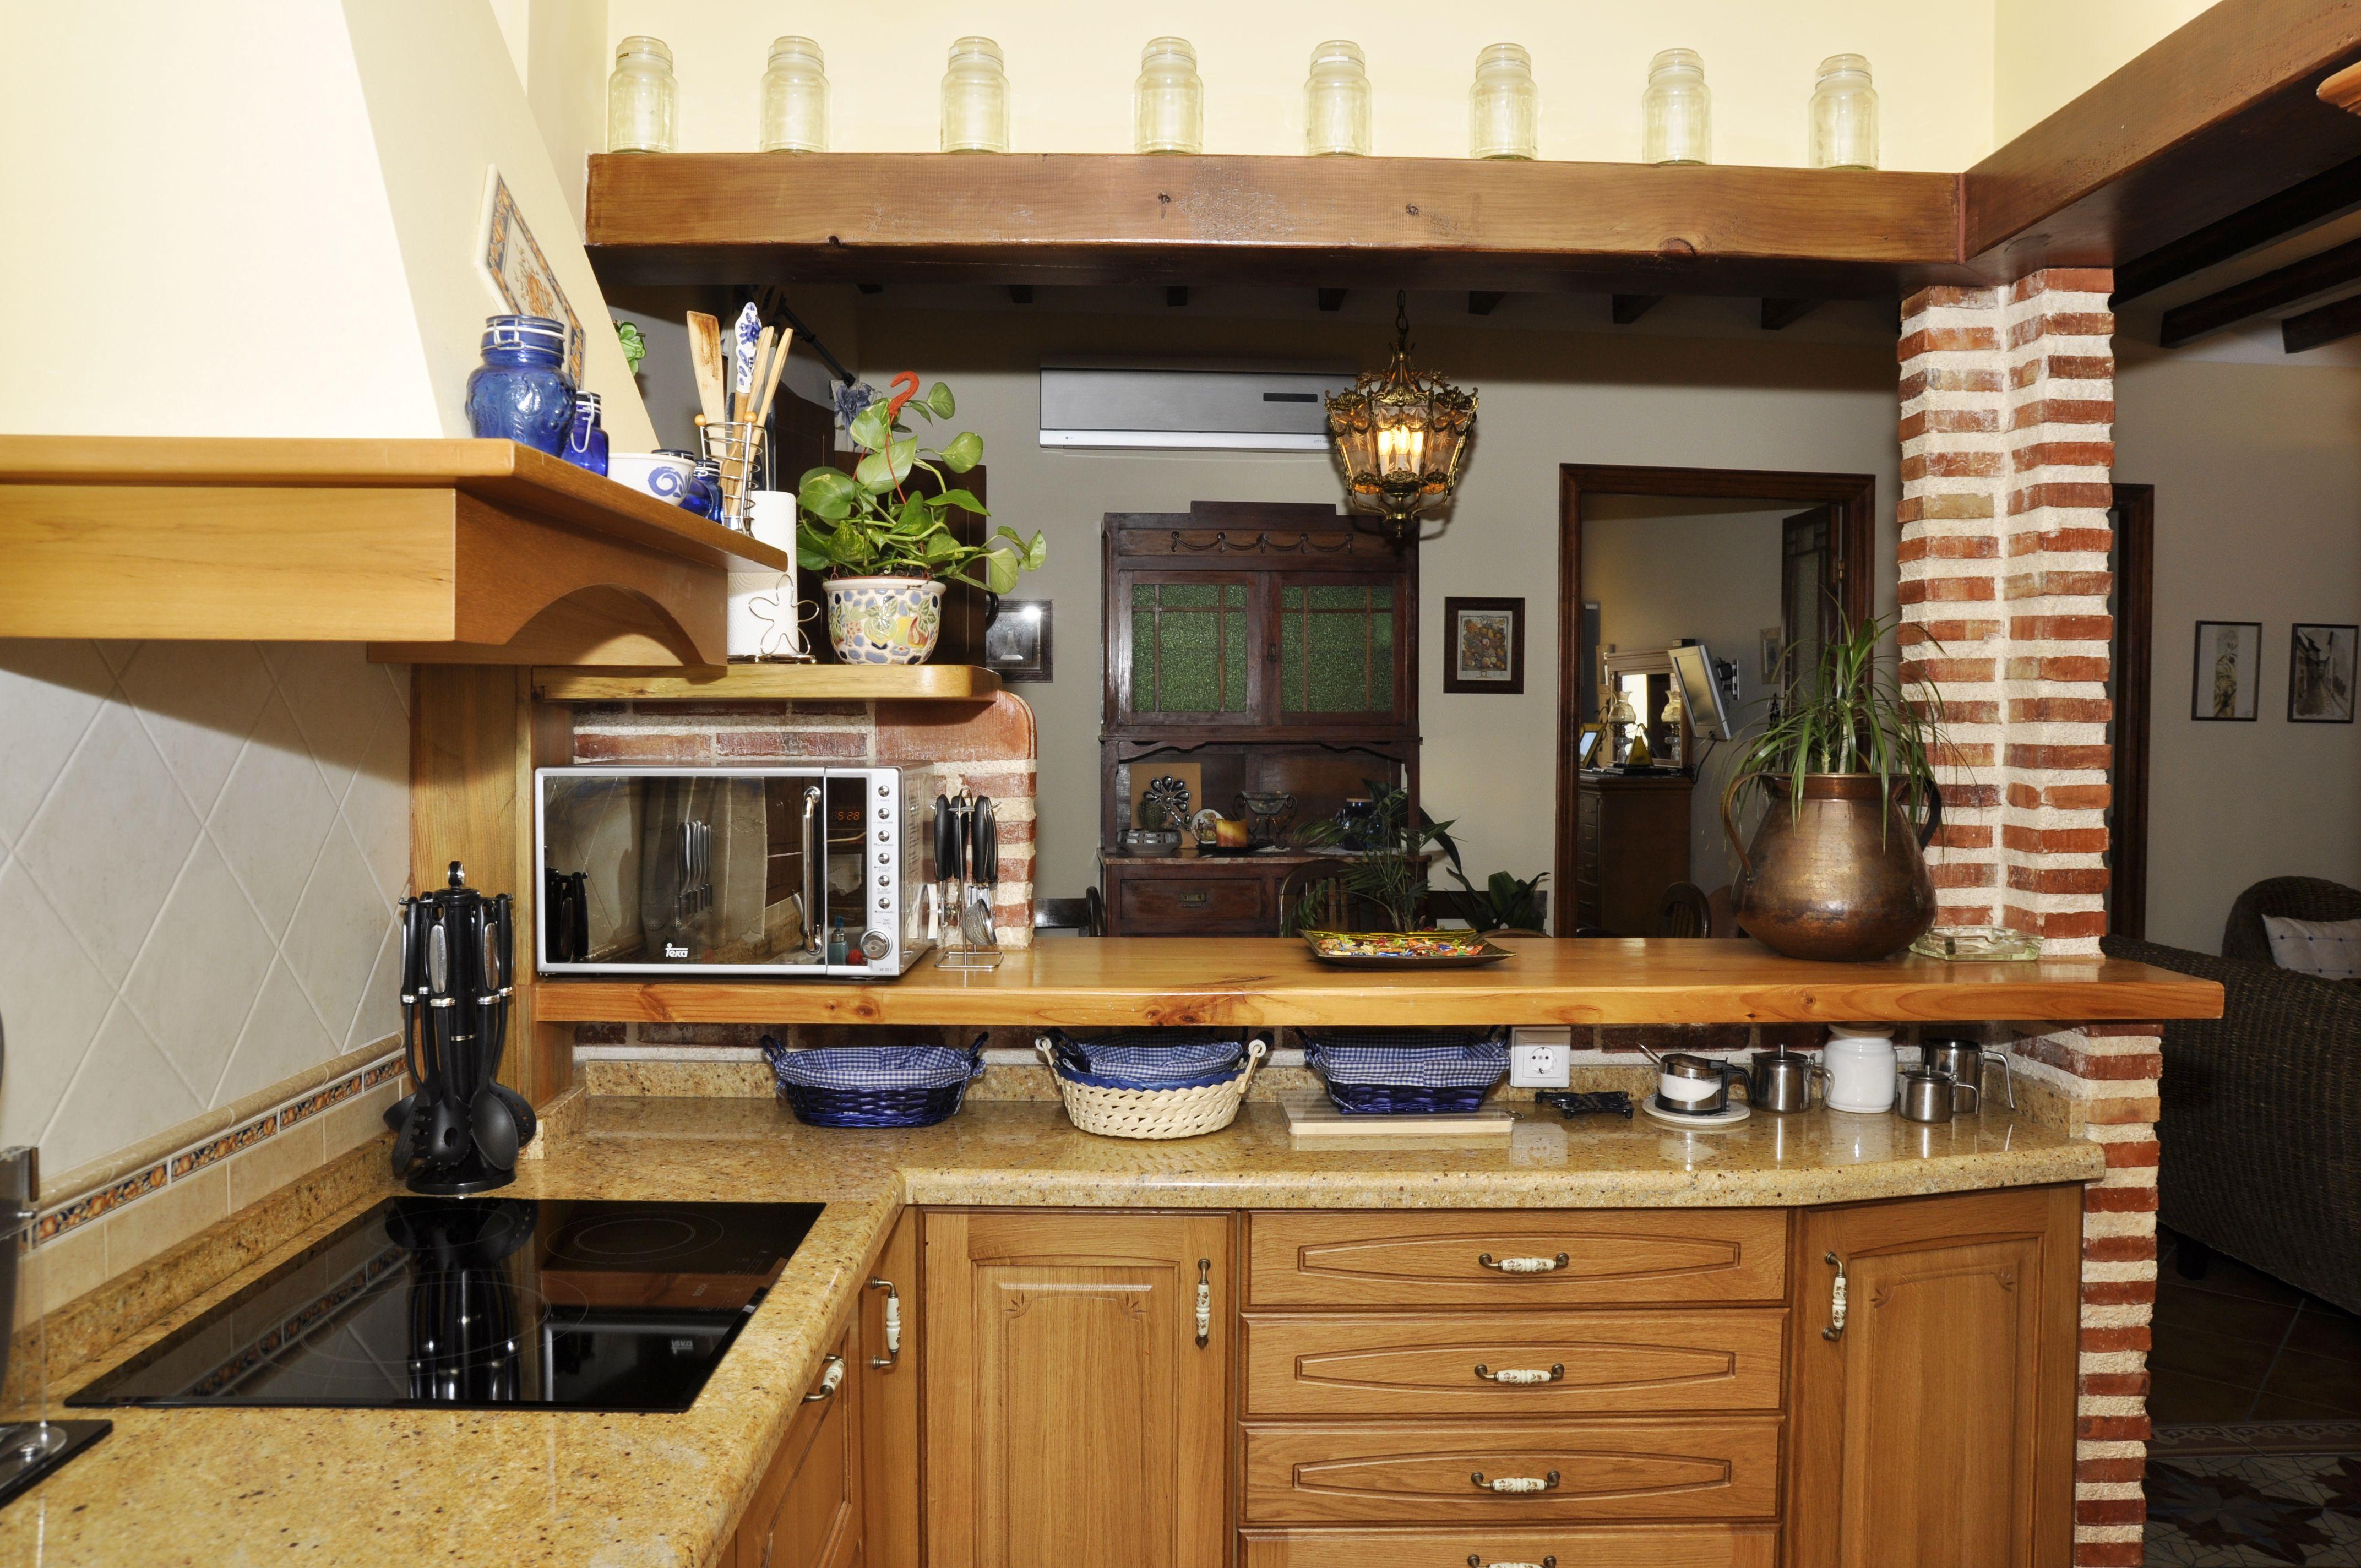 Increíble Malai Cocina Dallas Friso - Ideas de Decoración de Cocina ...